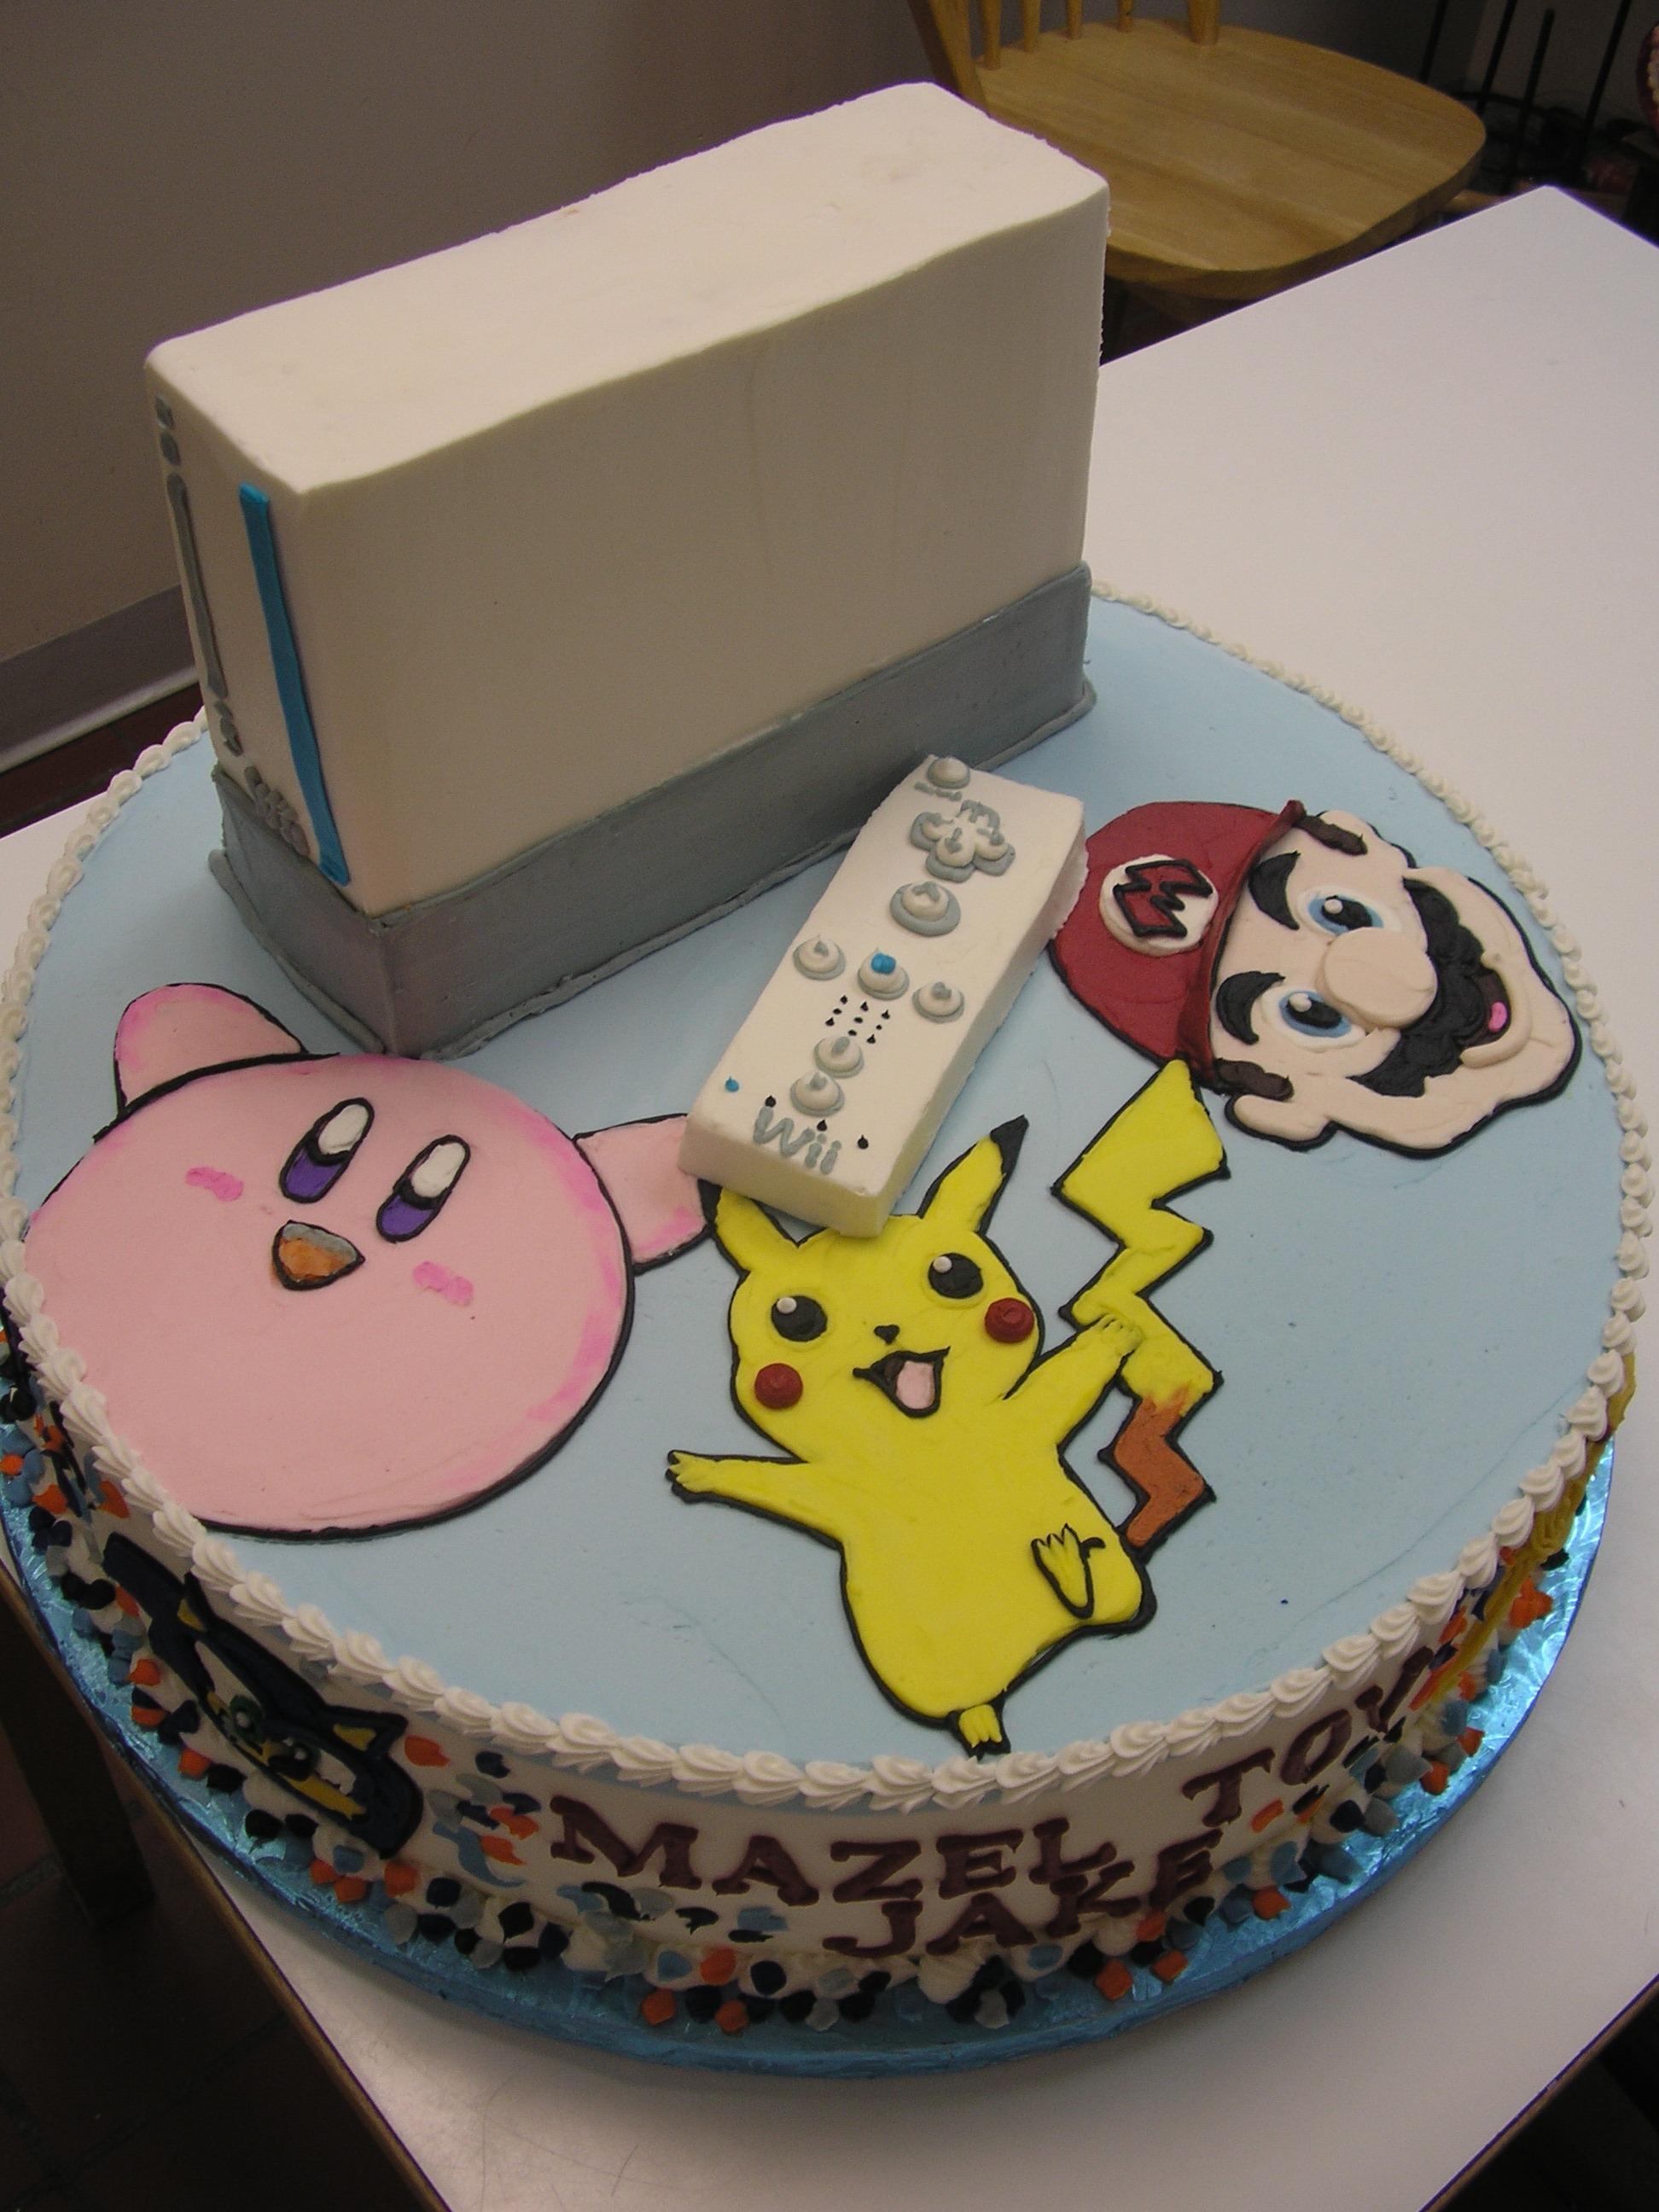 3D Nintendo Cake